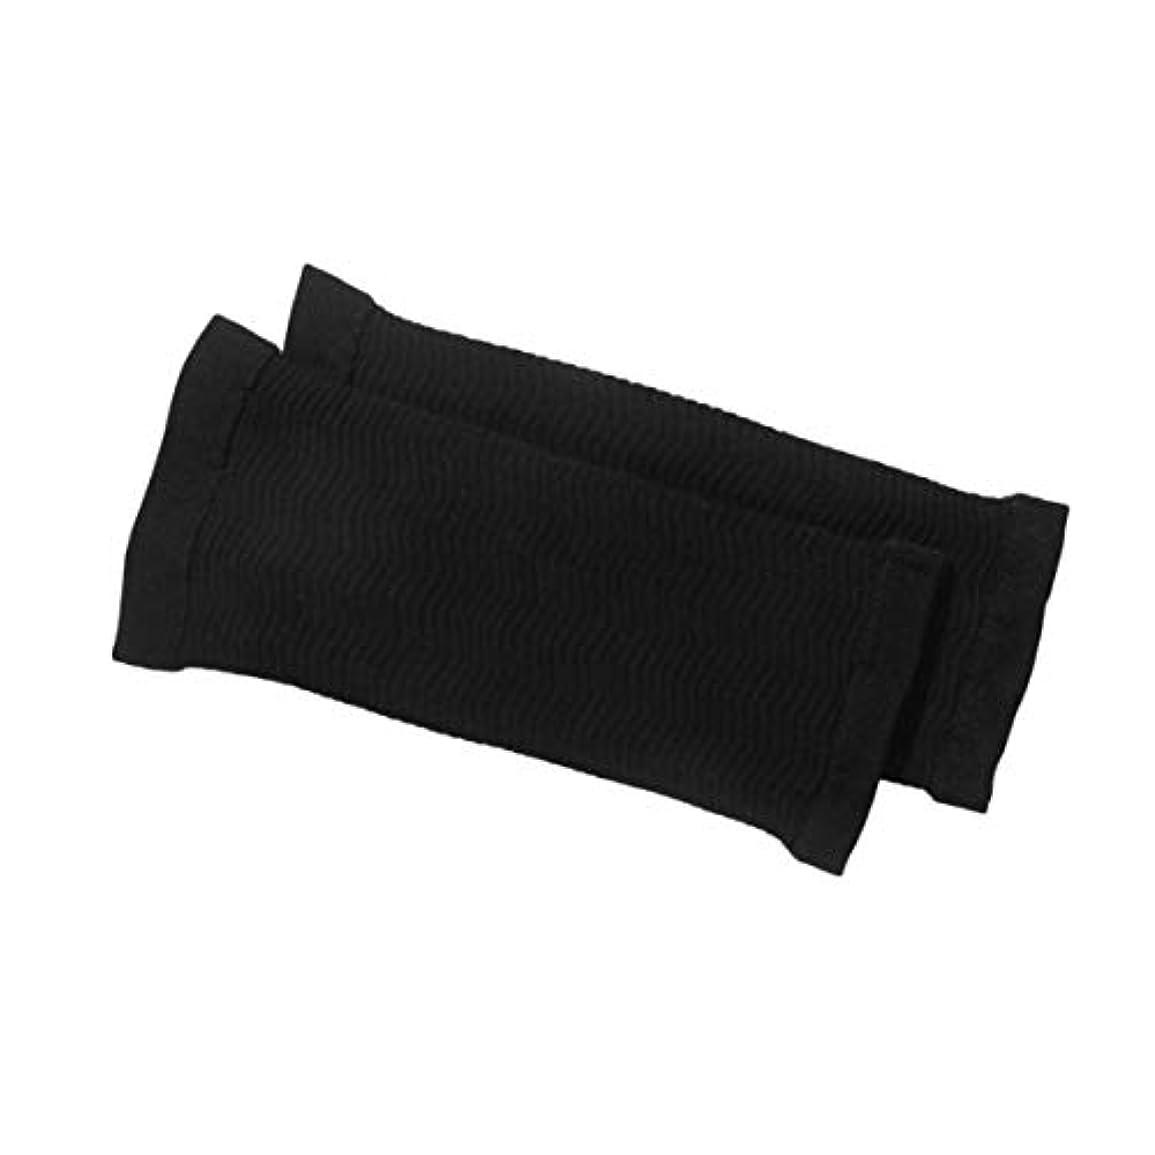 研磨剤ラフ腰1ペア420 D圧縮痩身アームスリーブワークアウトトーニングバーンセルライトシェイパー脂肪燃焼袖用女性 - 黒